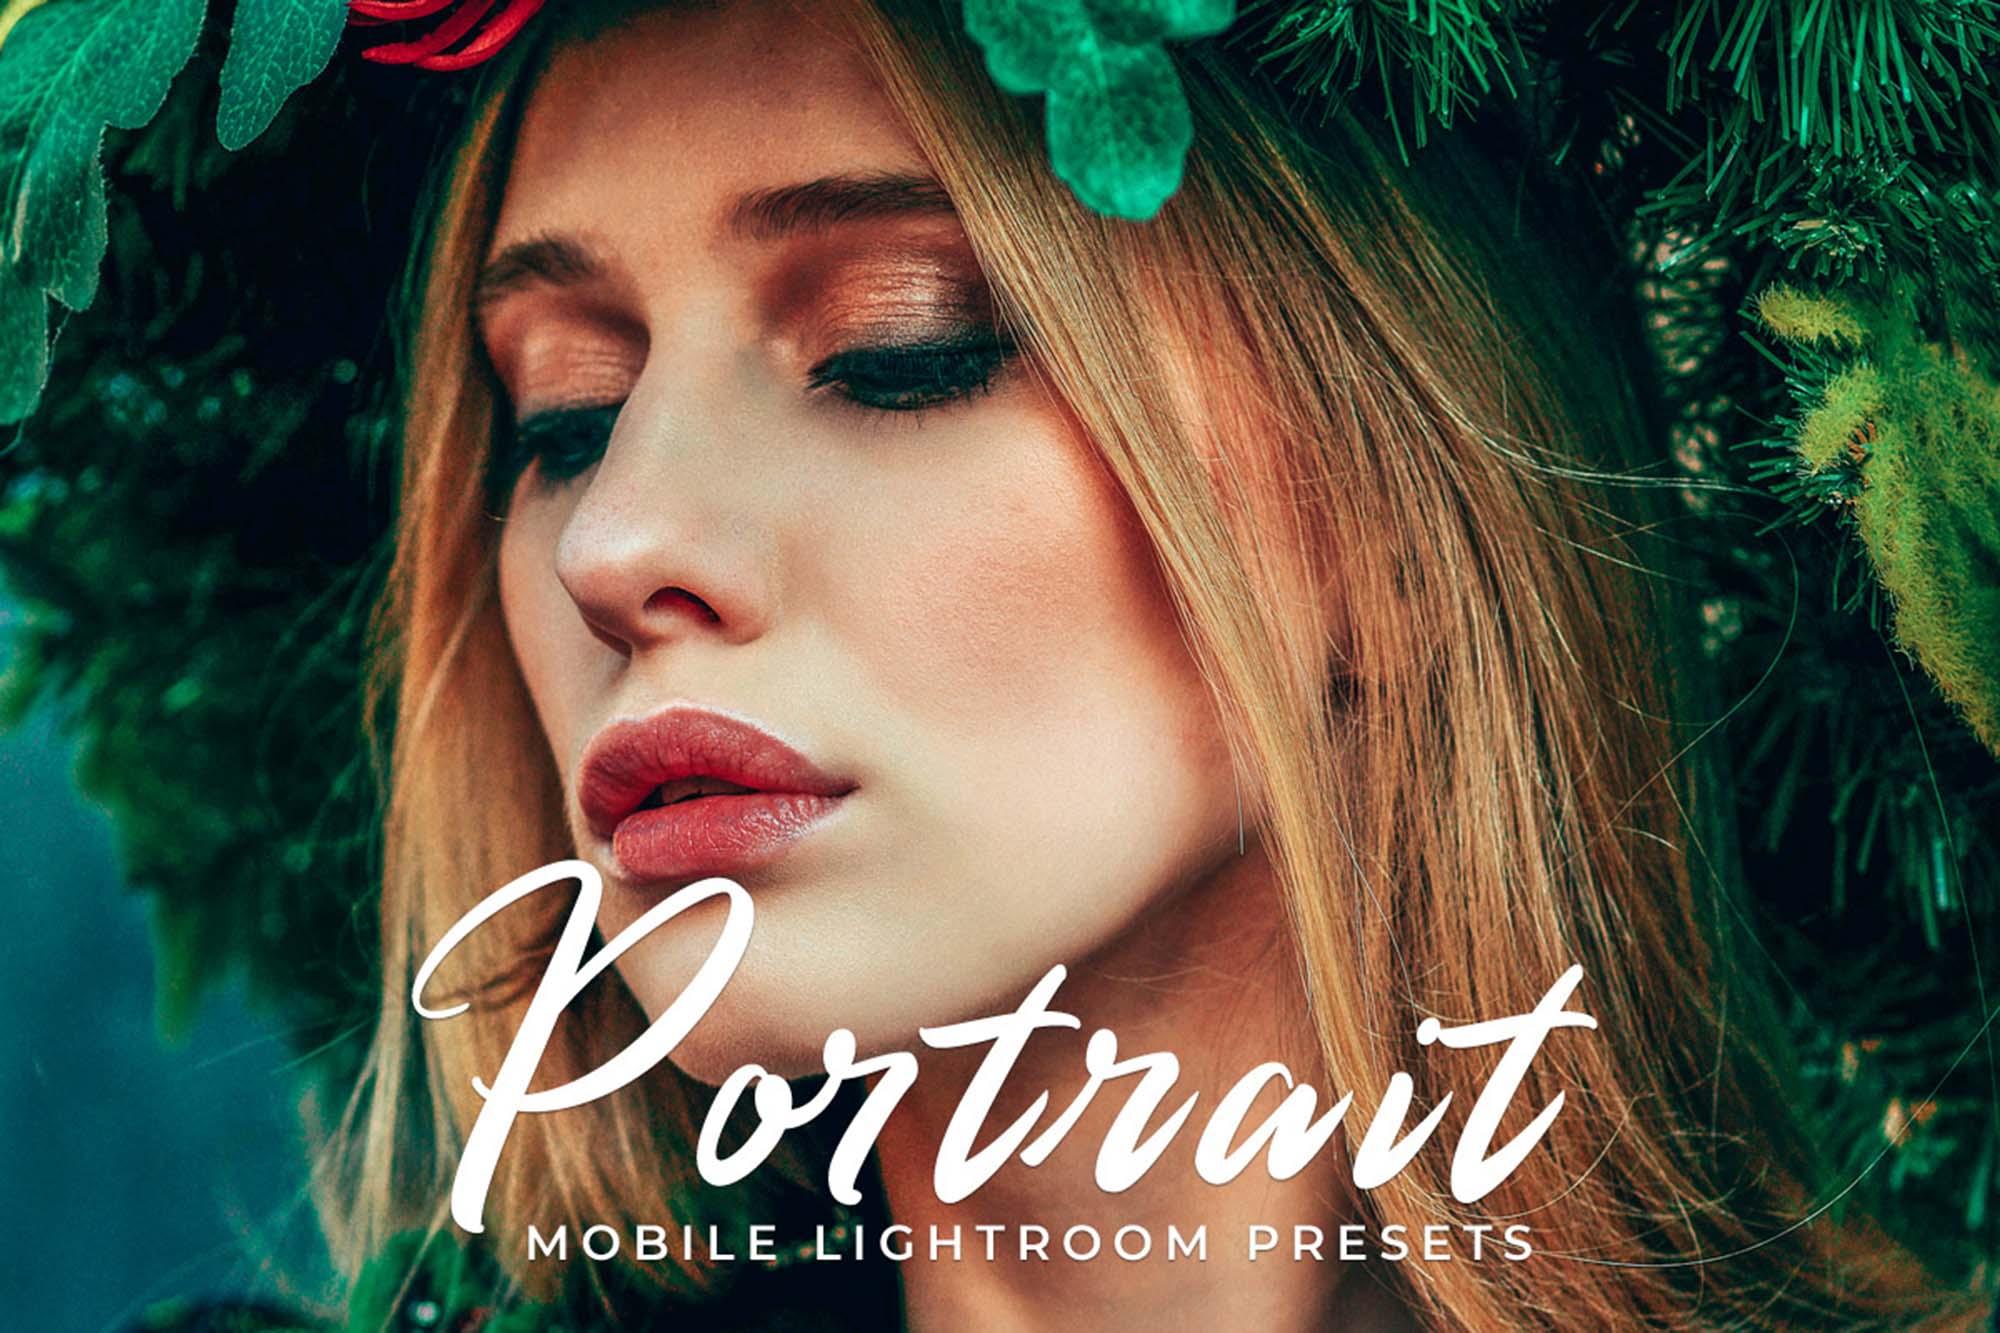 Portrait Mobile Lightroom Presets